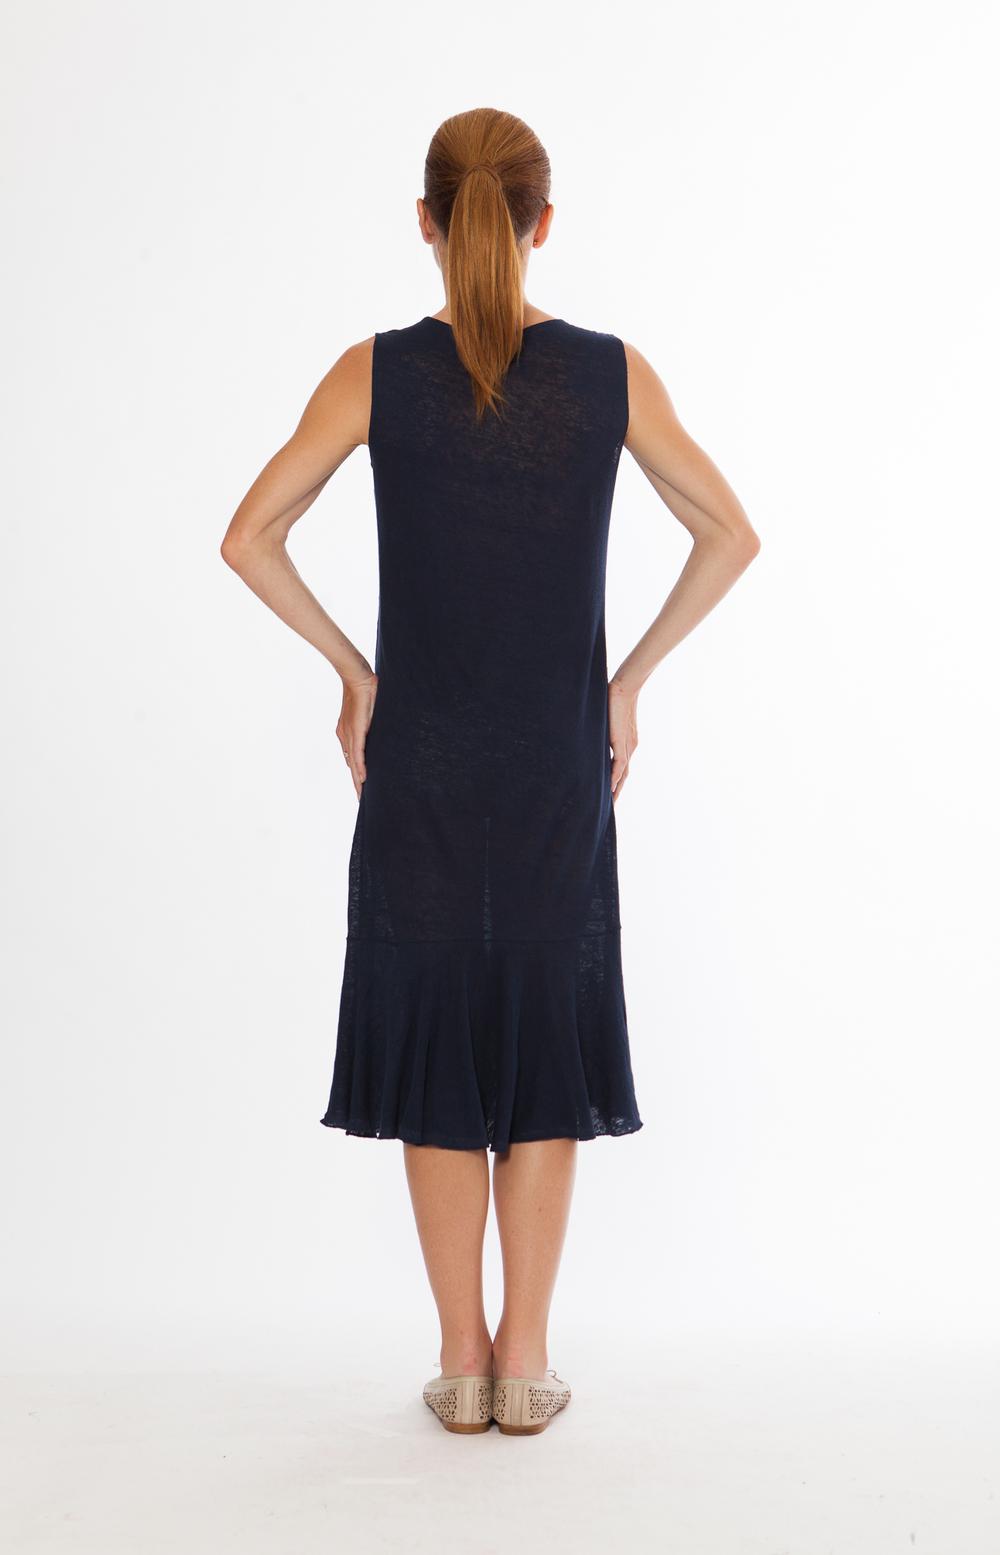 Sam's Dress